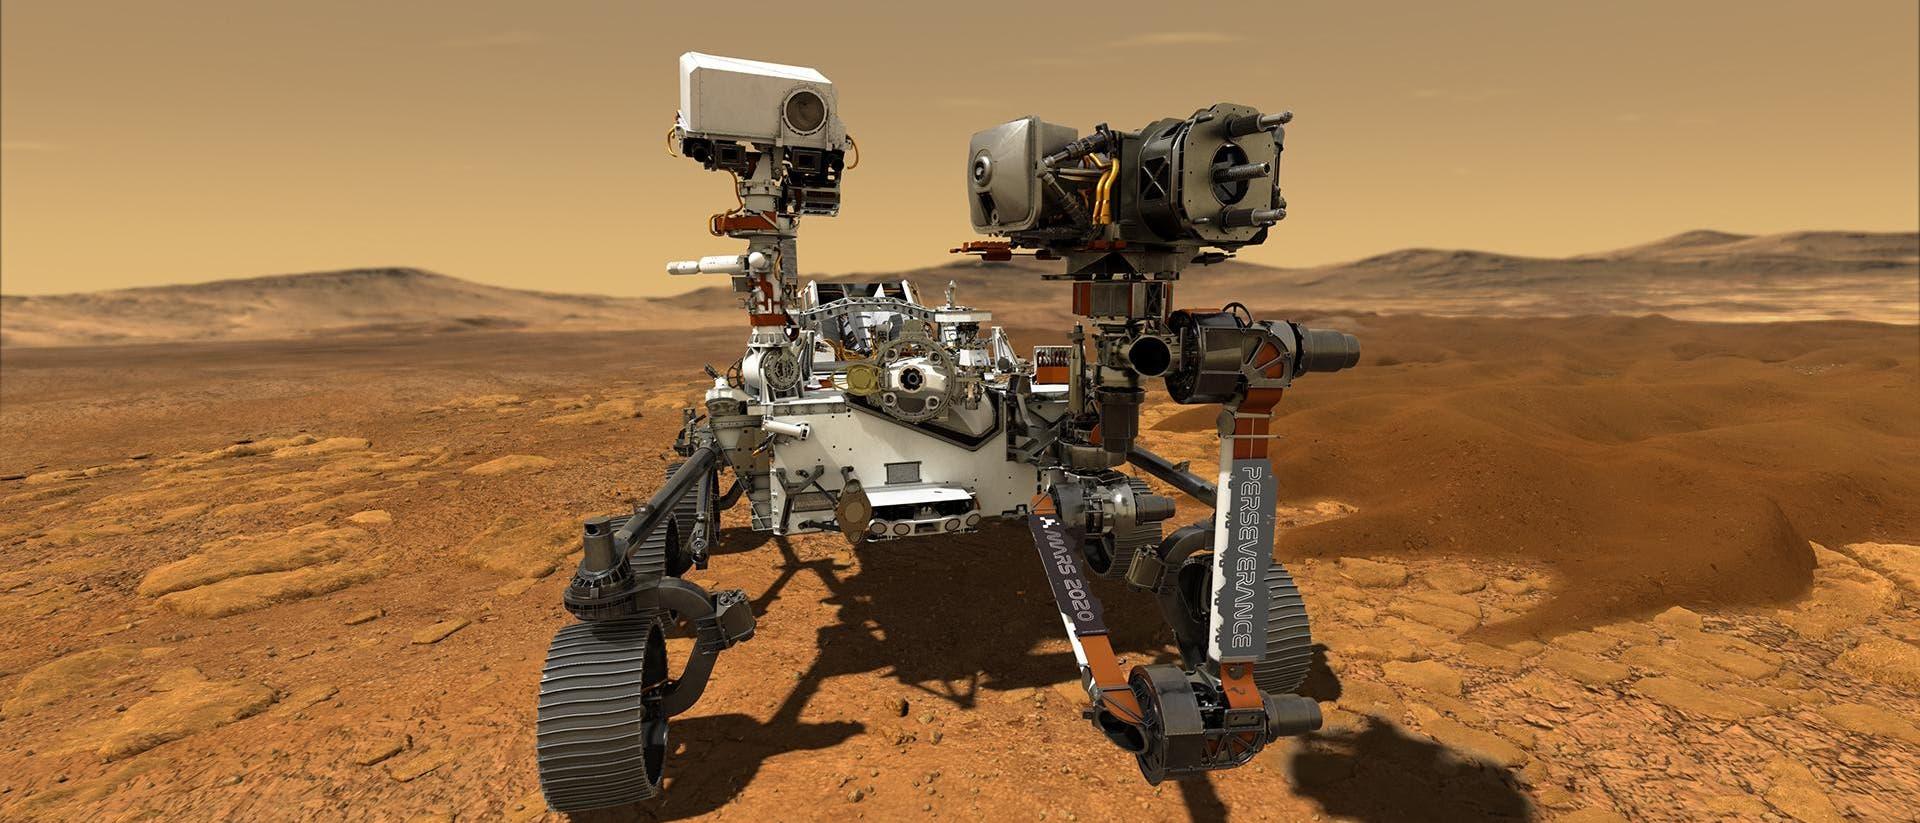 Künstlerische Darstellung des Rovers Perseverance auf dem Mars. Ein Robotergefährt in rötlicher Wüste unter orangefarbenem Himmel.